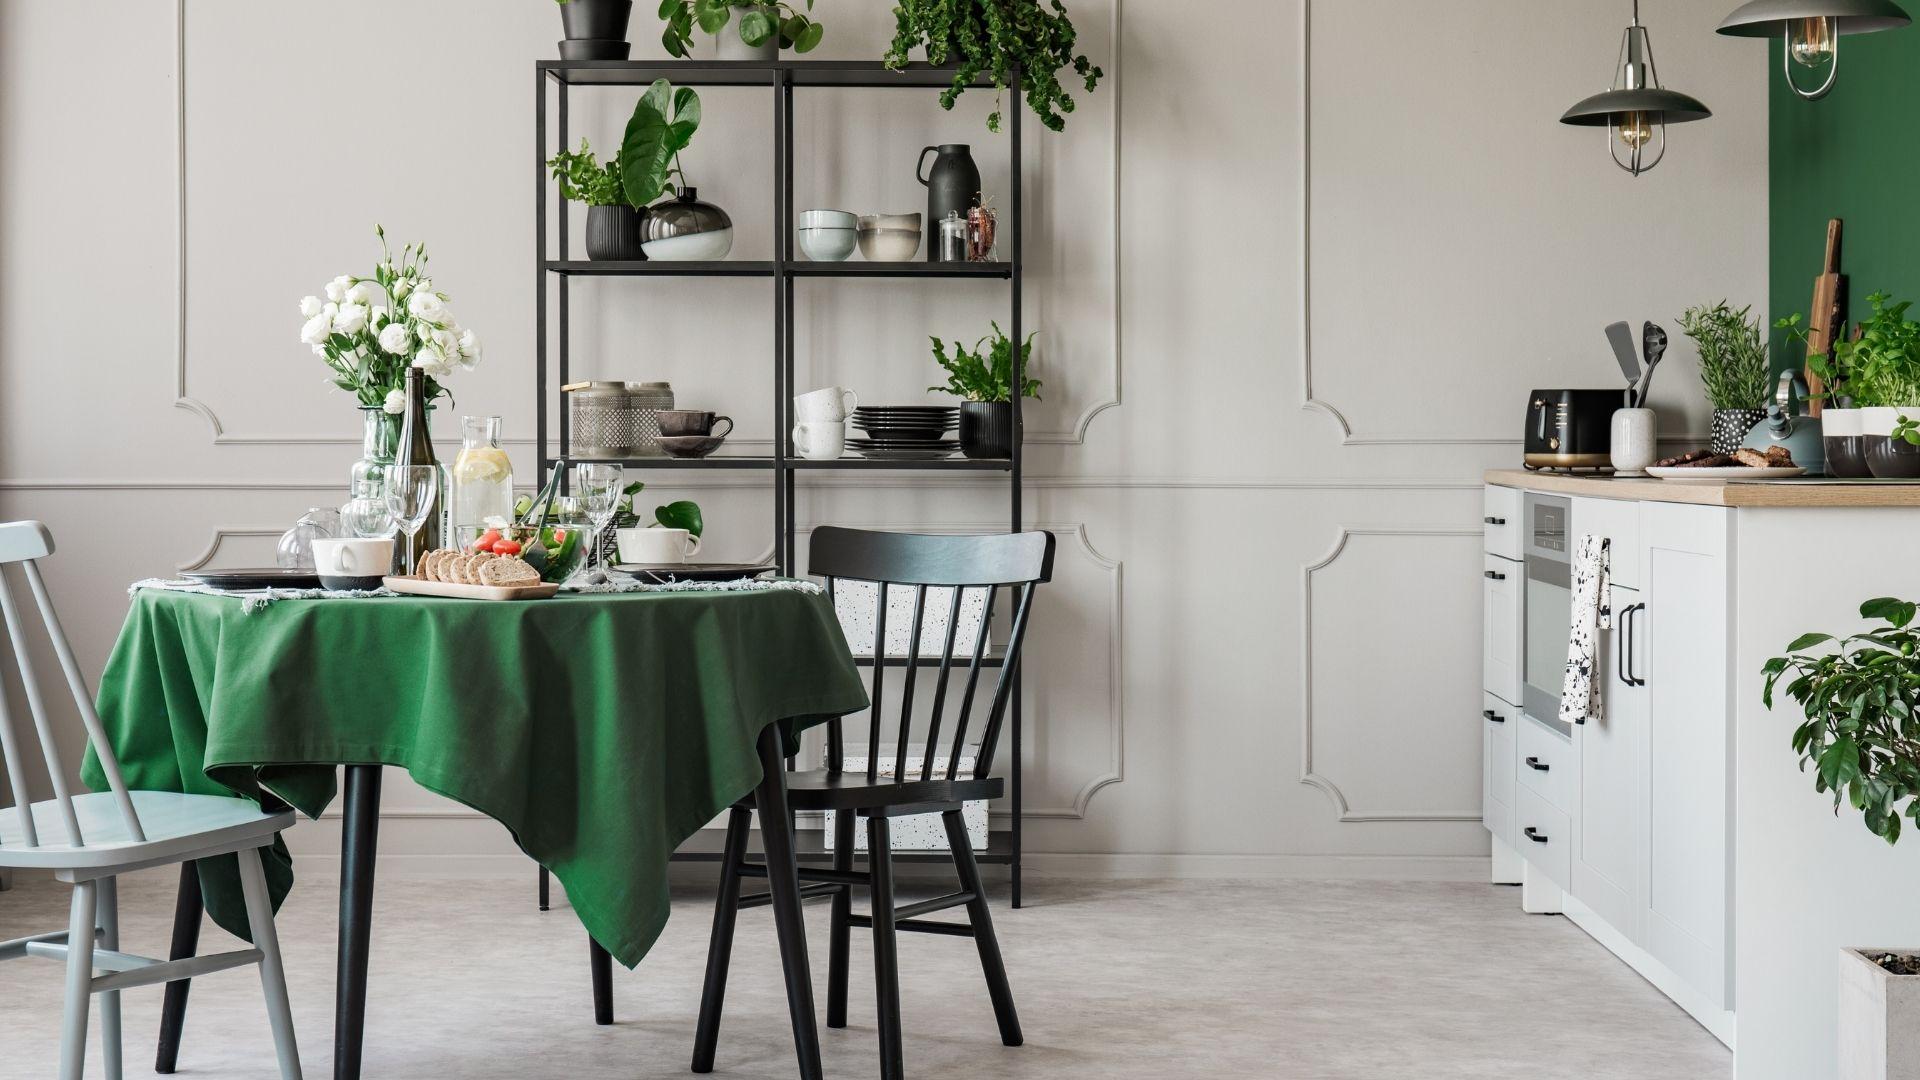 dodatki do kuchni w kolorze zielonym